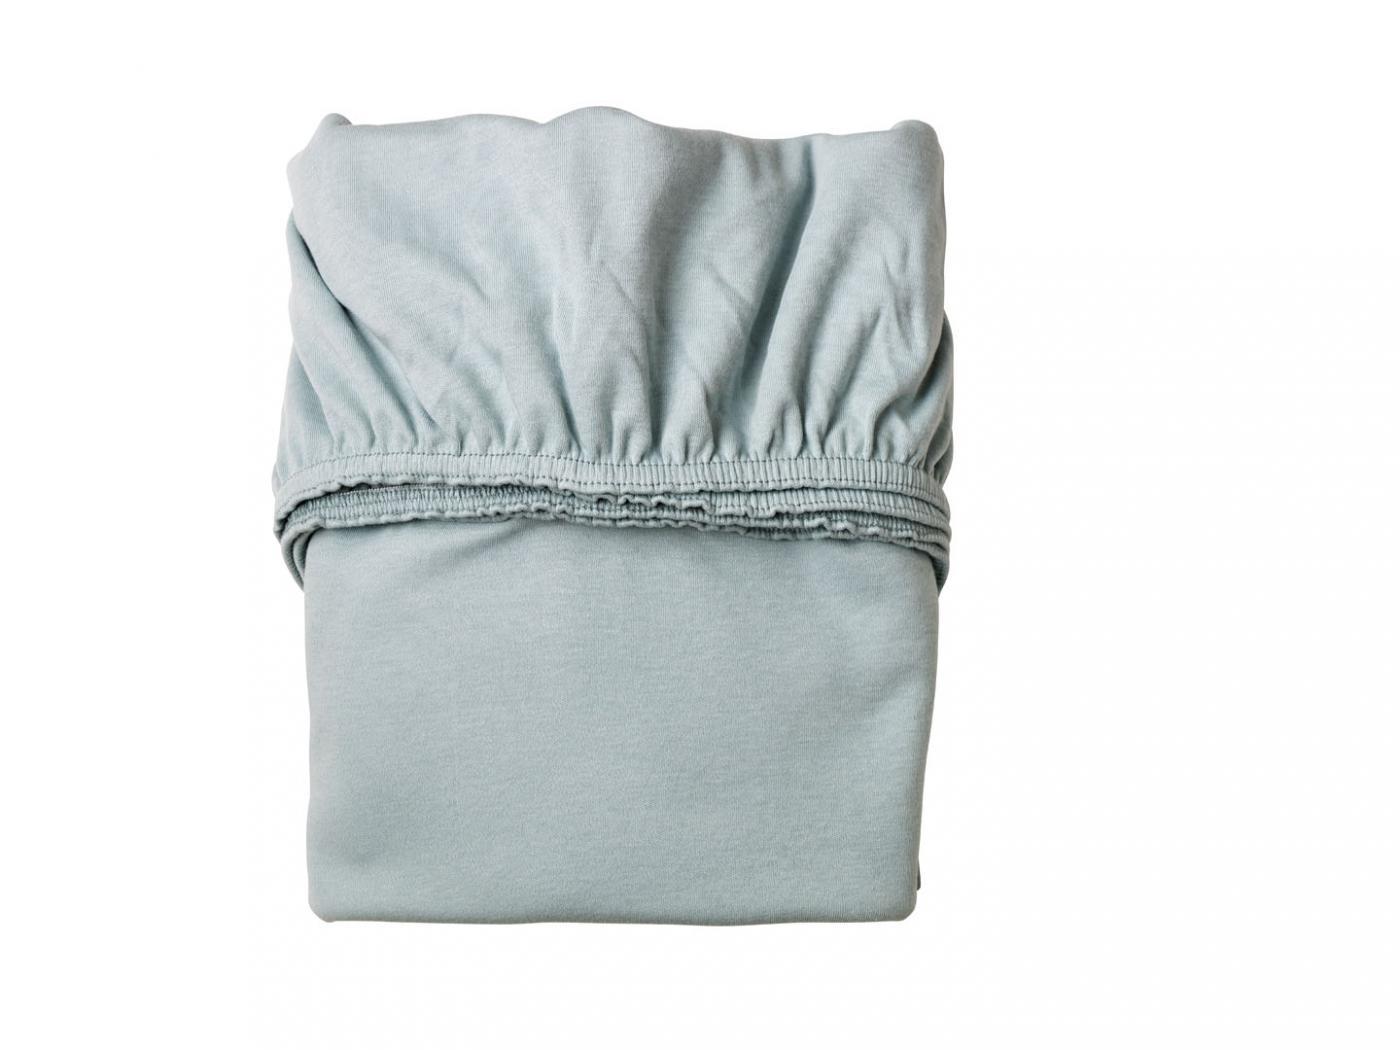 leander draps housse b b bleu p le pour lit b b volutif. Black Bedroom Furniture Sets. Home Design Ideas